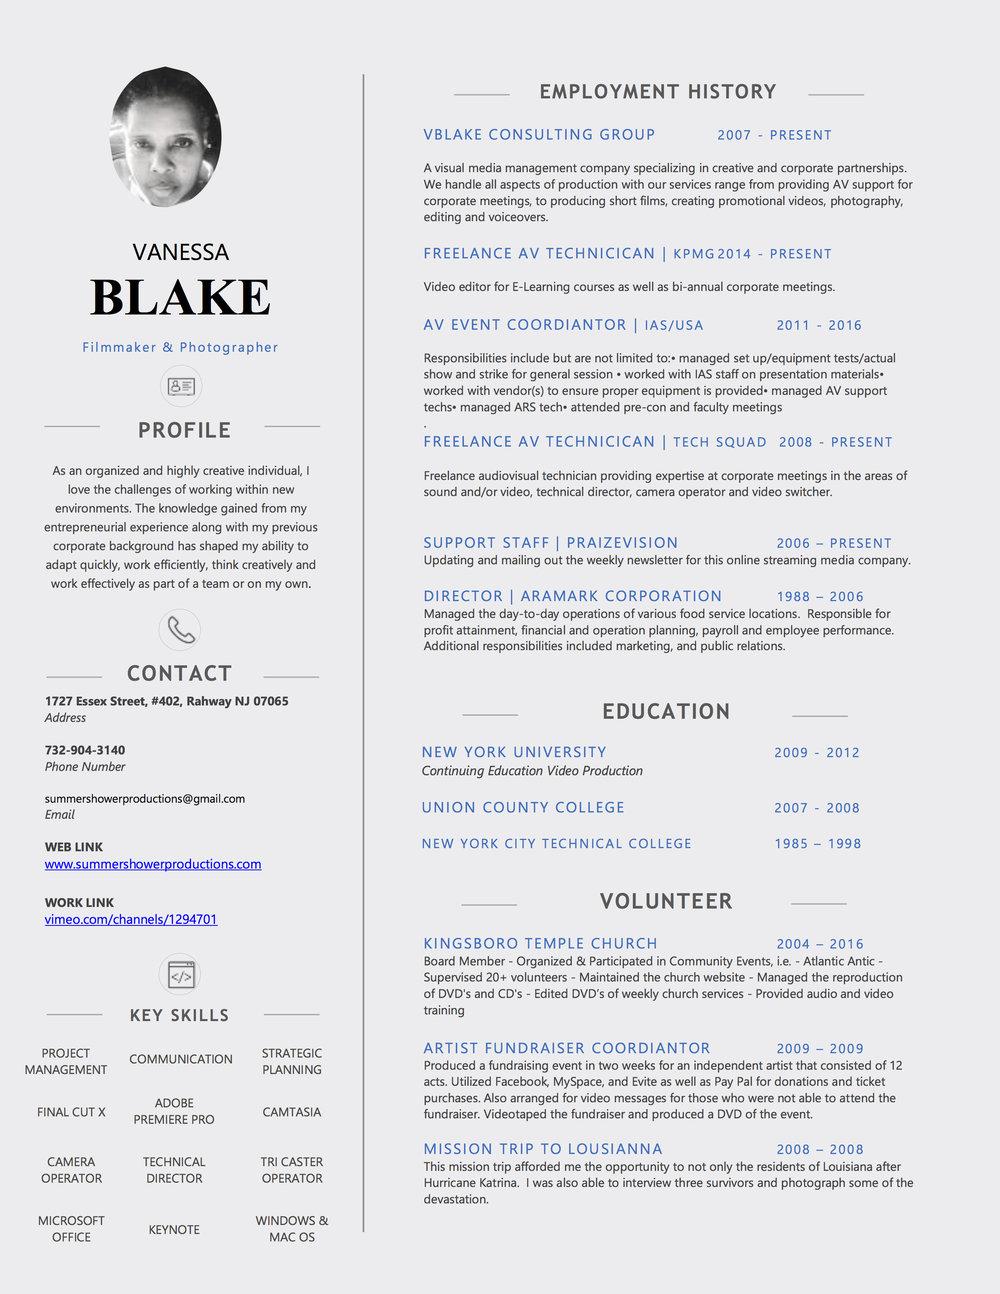 Vanessa Blake CV Main.jpg